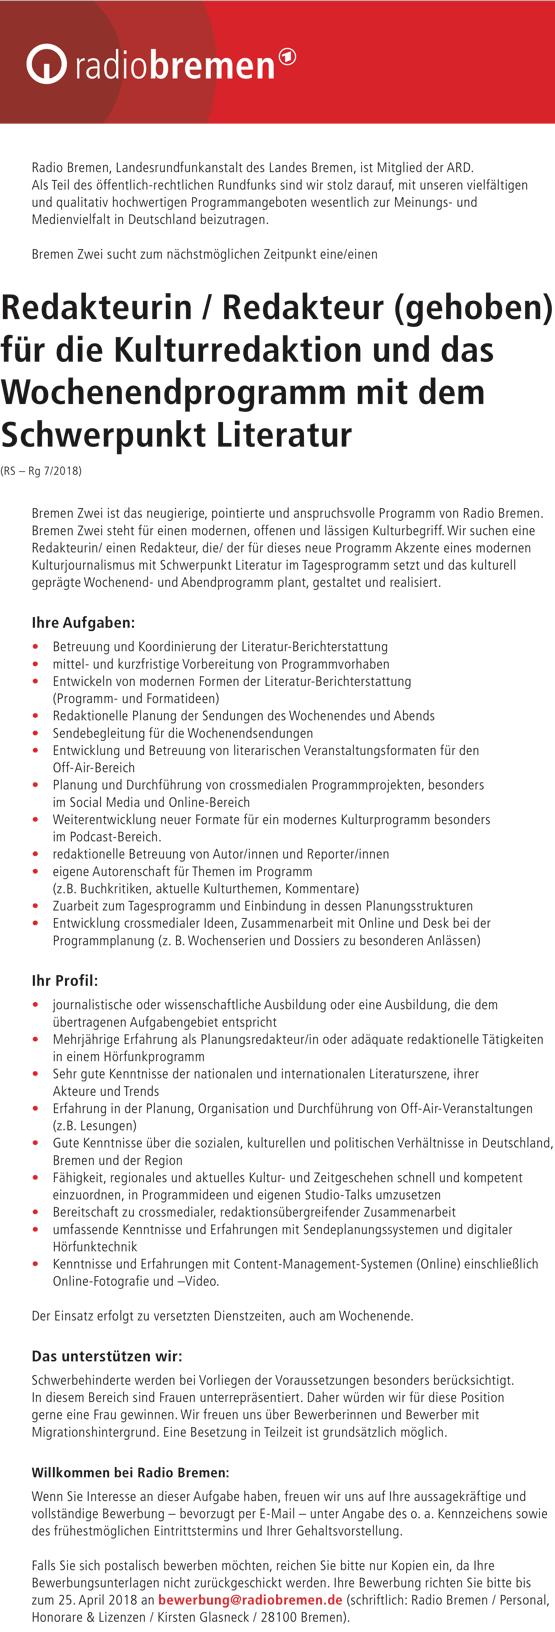 Radio Bremen, Landesrundfunkanstalt des Landes Bremen, ist Mitglied der ARD. Als Teil des öffentlich-rechtlichen Rundfunks sind wir stolz darauf, mit unseren vielfältigen und qualitativ hochwertigen Programmangeboten wesentlich zur Meinungs- und Medienvielfalt in Deutschland beizutragen. Bremen Zwei sucht zum nächstmöglichen Zeitpunkt eine/einen Redakteurin / Redakteur (gehoben) für die Kulturredaktion und das Wochenendprogramm mit dem Schwerpunkt Literatur (RS – Rg 7/2018) Bremen Zwei ist das neugierige, pointierte und anspruchsvolle Programm von Radio Bremen. Bremen Zwei steht für einen modernen, offenen und lässigen Kulturbegriff. Wir suchen eine Redakteurin/ einen Redakteur, die/ der für dieses neue Programm Akzente eines modernen Kulturjournalismus mit Schwerpunkt Literatur im Tagesprogramm setzt und das kulturell geprägte Wochenend- und Abendprogramm plant, gestaltet und realisiert. Ihre Aufgaben: • Betreuung und Koordinierung der Literatur-Berichterstattung • mittel- und kurzfristige Vorbereitung von Programmvorhaben • Entwickeln von modernen Formen der Literatur-Berichterstattung (Programm- und Formatideen) • Redaktionelle Planung der Sendungen des Wochenendes und Abends • Sendebegleitung für die Wochenendsendungen • Entwicklung und Betreuung von literarischen Veranstaltungsformaten für den Off-Air-Bereich • Planung und Durchführung von crossmedialen Programmprojekten, besonders im Social Media und Online-Bereich • Weiterentwicklung neuer Formate für ein modernes Kulturprogramm besonders im Podcast-Bereich. • redaktionelle Betreuung von Autor/innen und Reporter/innen • eigene Autorenschaft für Themen im Programm (z.B. Buchkritiken, aktuelle Kulturthemen, Kommentare) • Zuarbeit zum Tagesprogramm und Einbindung in dessen Planungsstrukturen • Entwicklung crossmedialer Ideen, Zusammenarbeit mit Online und Desk bei der Programmplanung (z. B. Wochenserien und Dossiers zu besonderen Anlässen) Ihr Profil: • journalistische oder wissenschaftliche Ausbildung oder eine